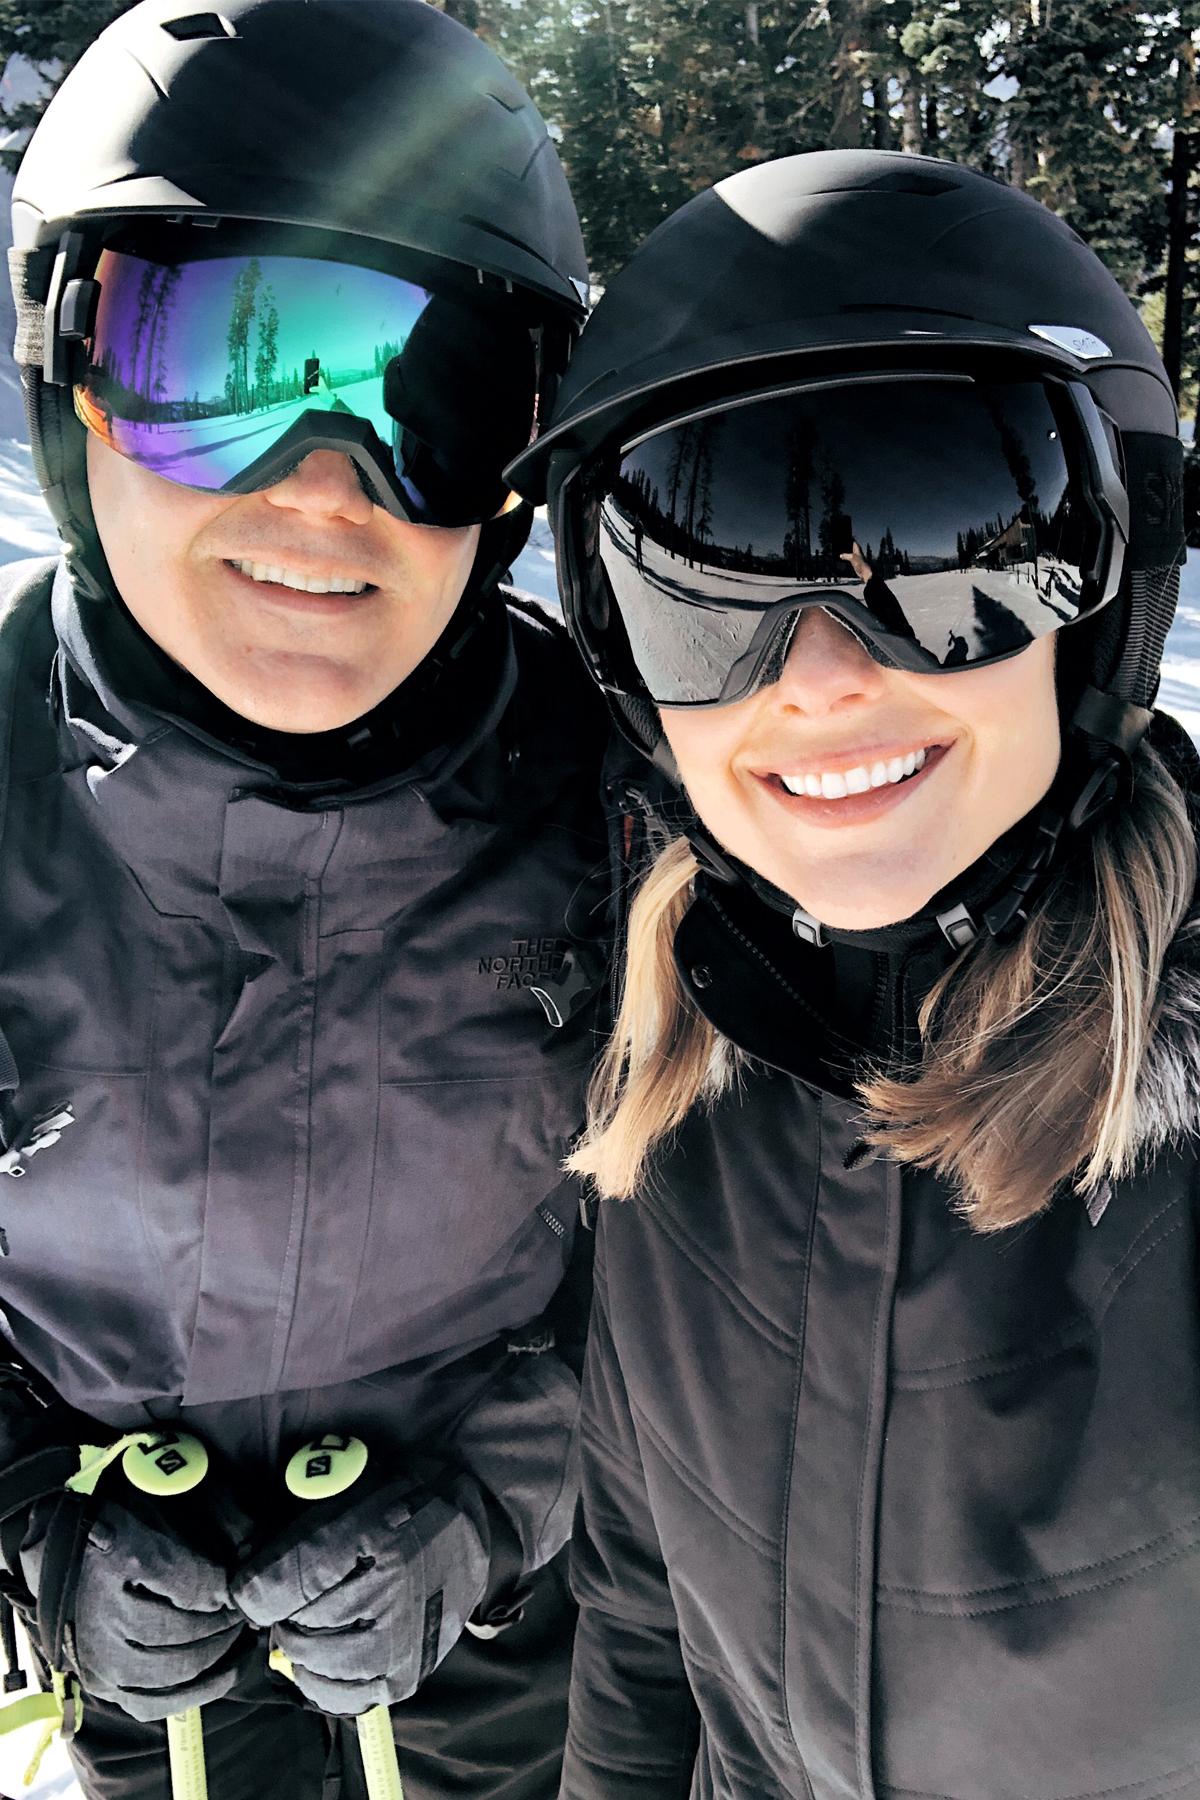 Fashion Jackson Wearing Smith Ski Helmet Smith Ski Goggles